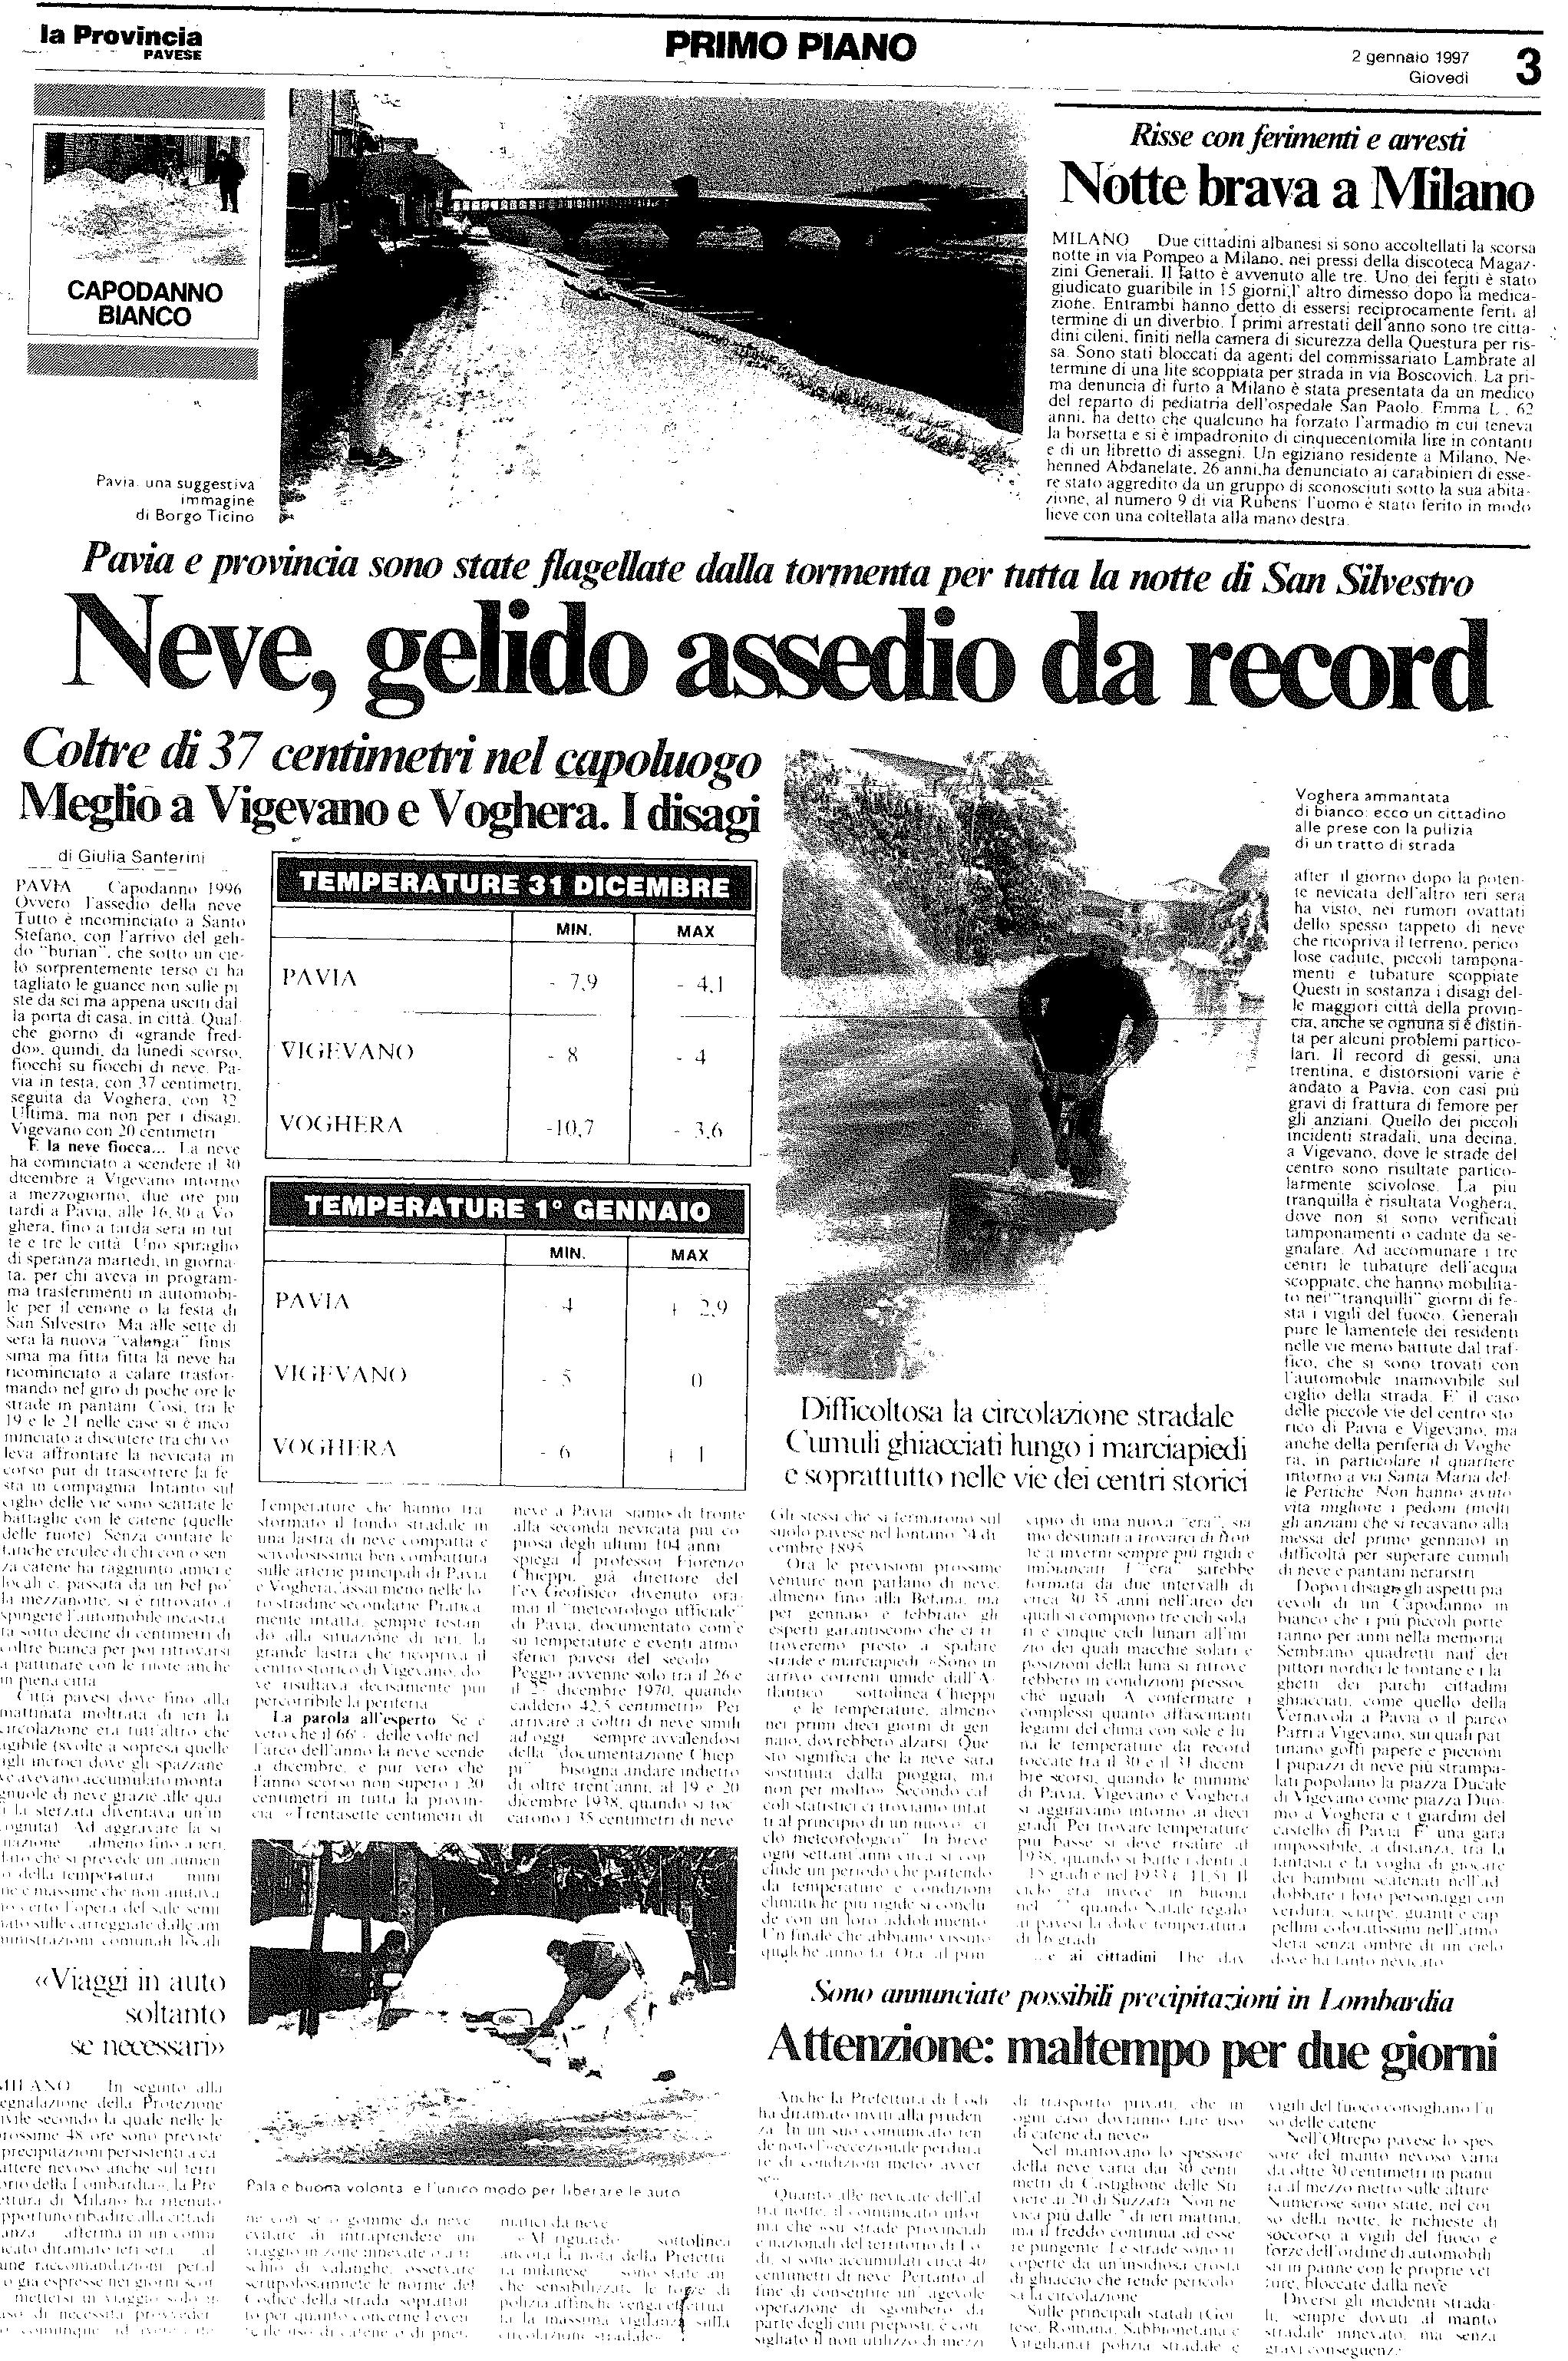 2 gennaio 1997